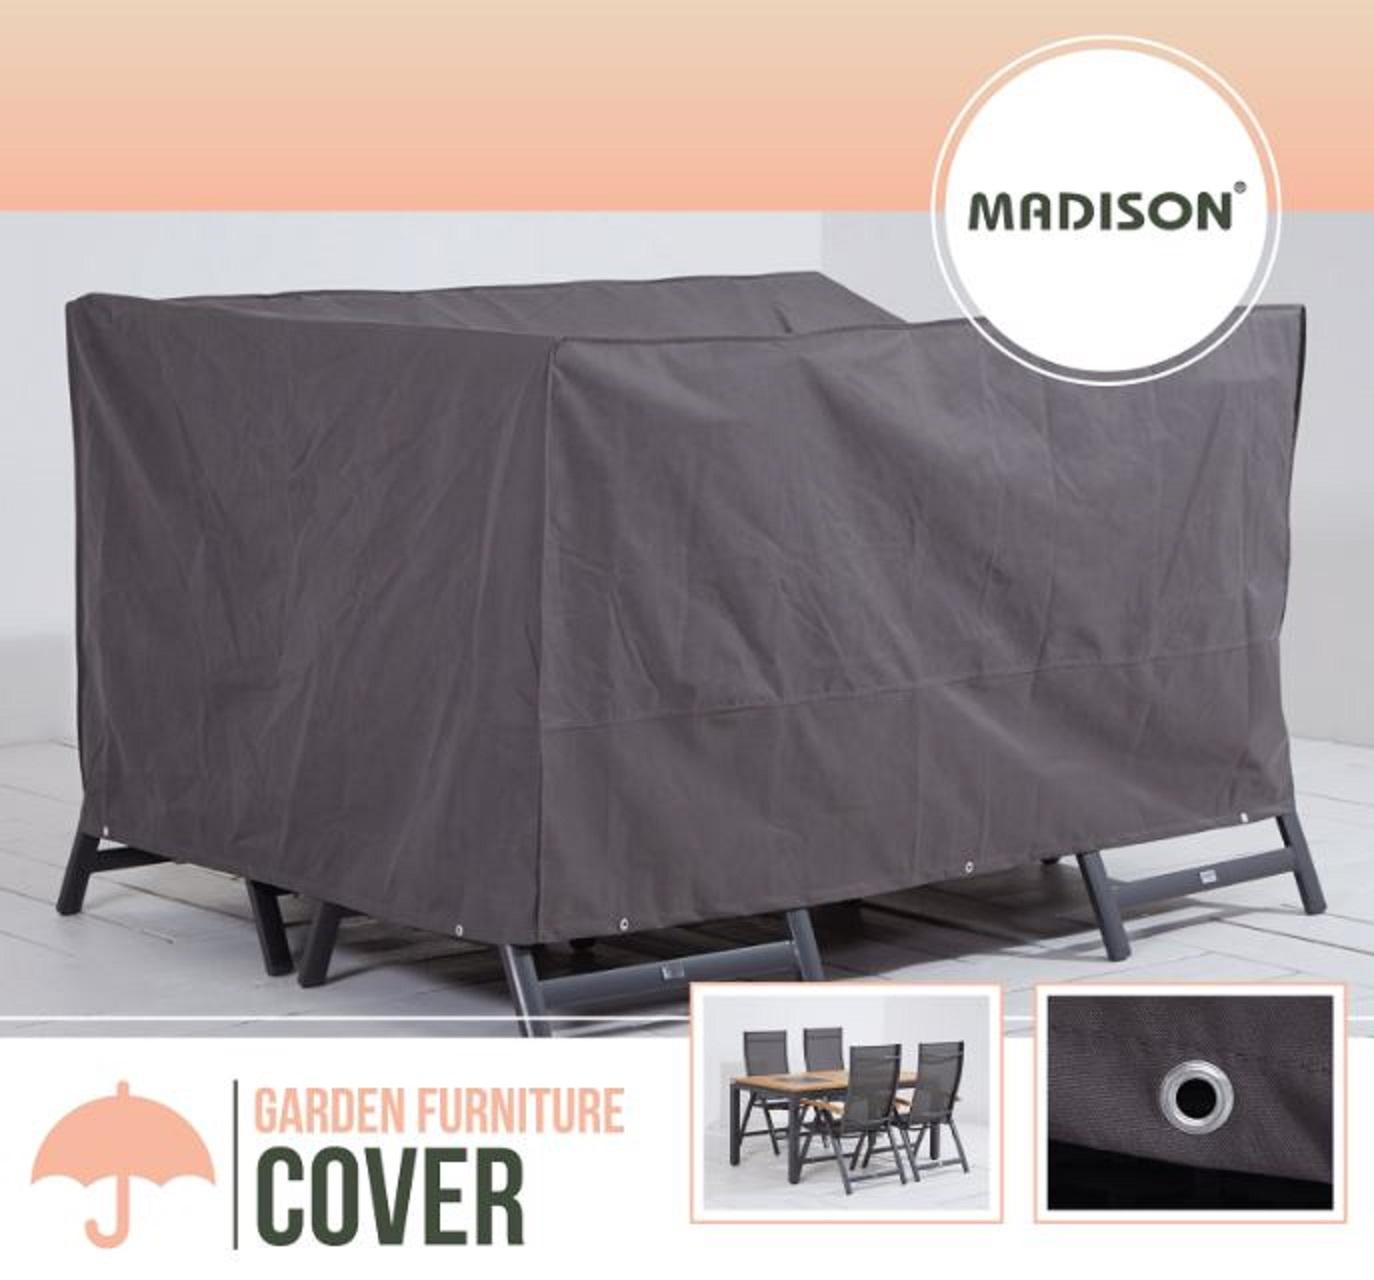 schutzh lle f r gartenm bel gruppen 185x140x95cm schutzh llen garten. Black Bedroom Furniture Sets. Home Design Ideas